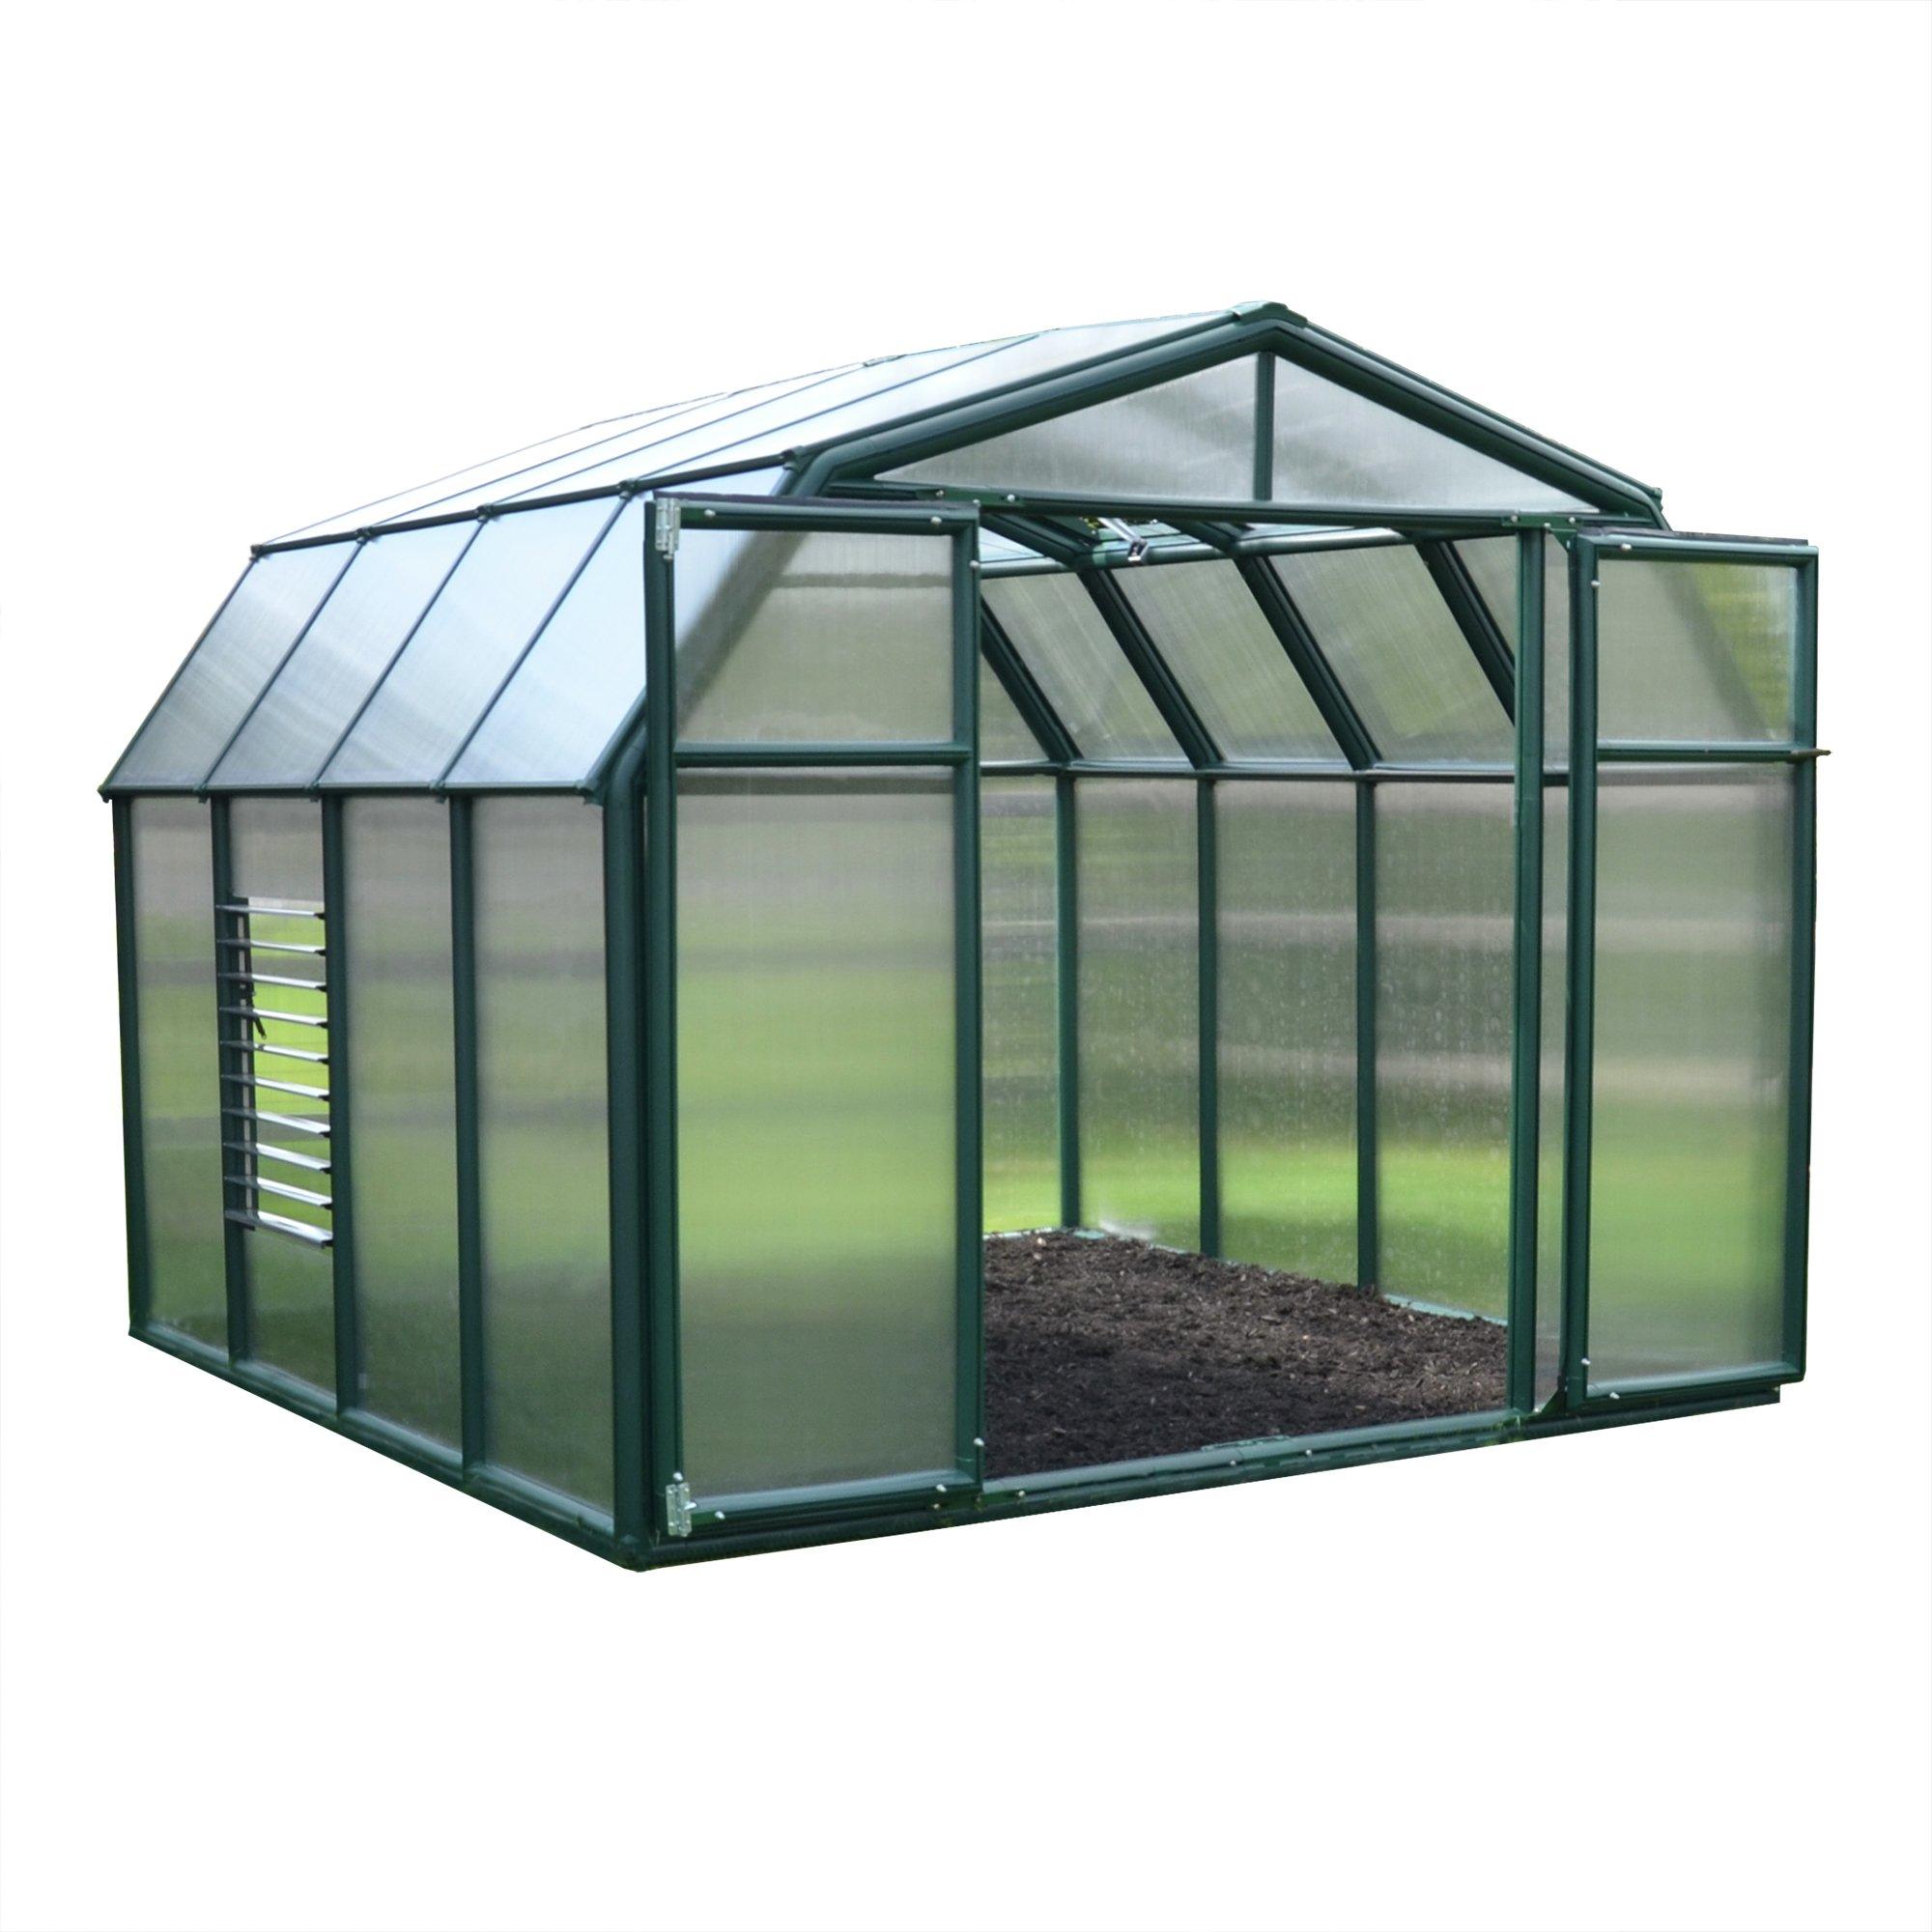 Palram Rion Hobby Gardener Green Greenhouse - 8 x 8ft.